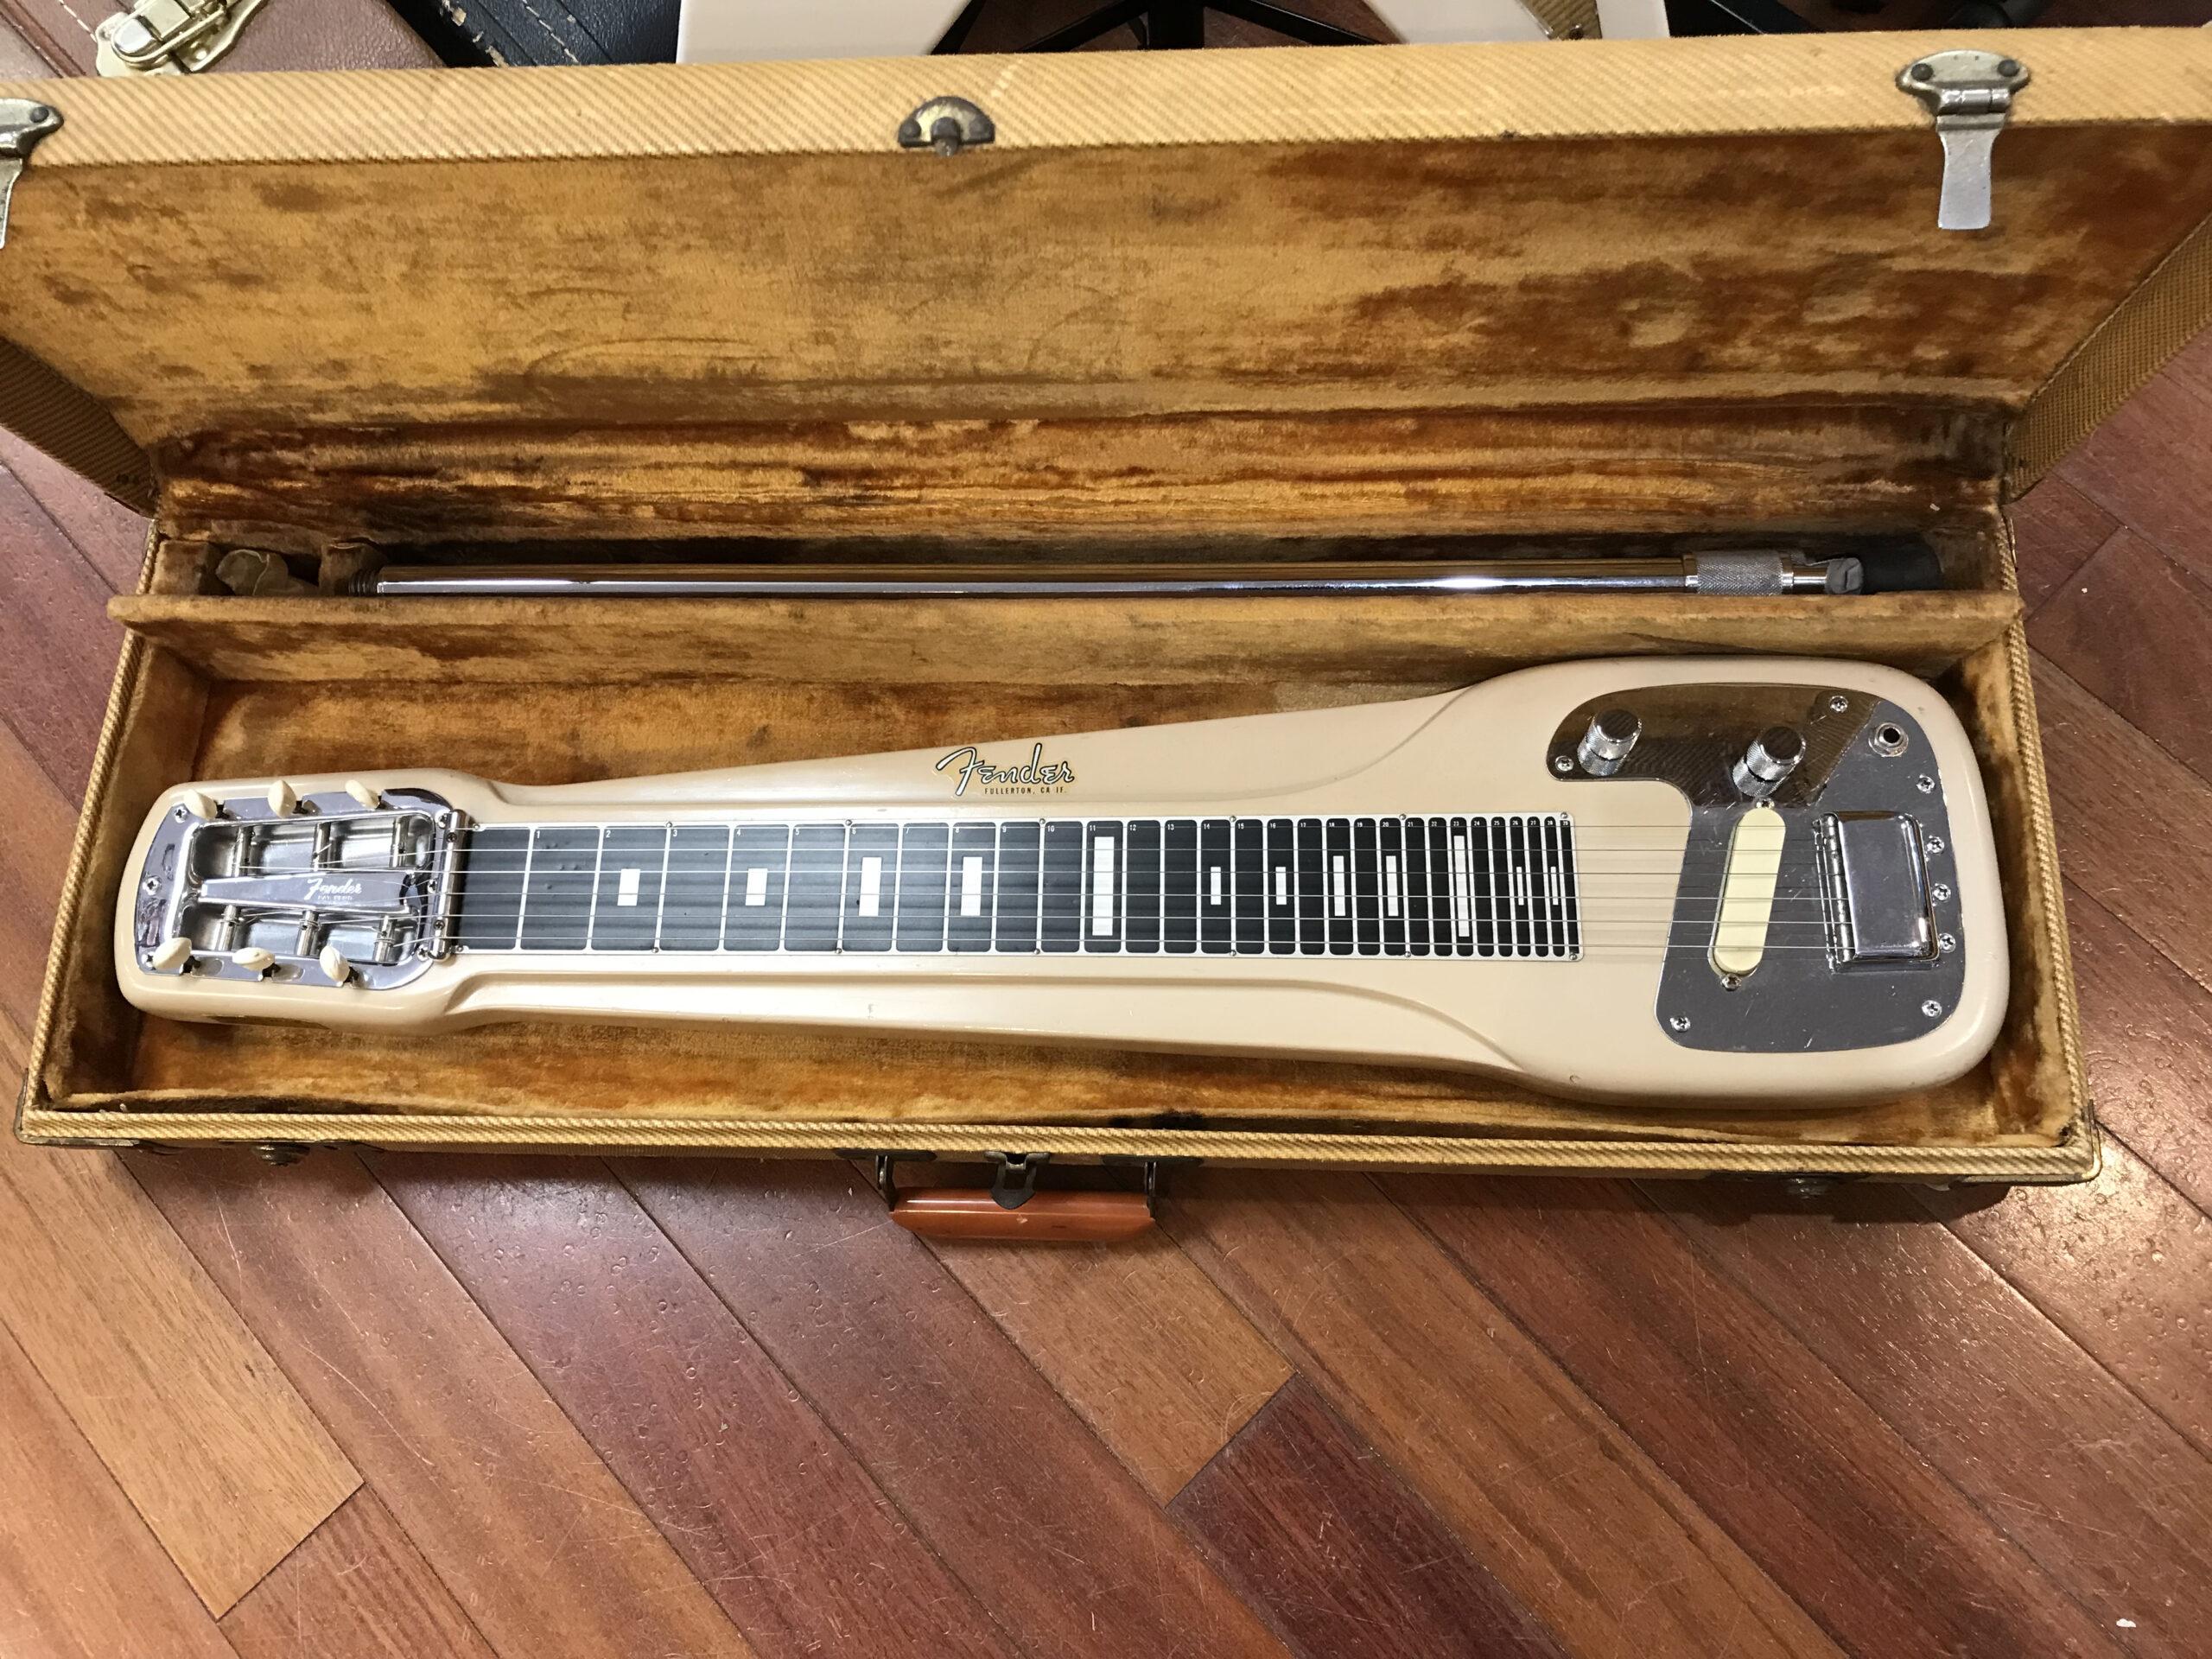 1957 Fender Studio Deluxe lap steel with legs